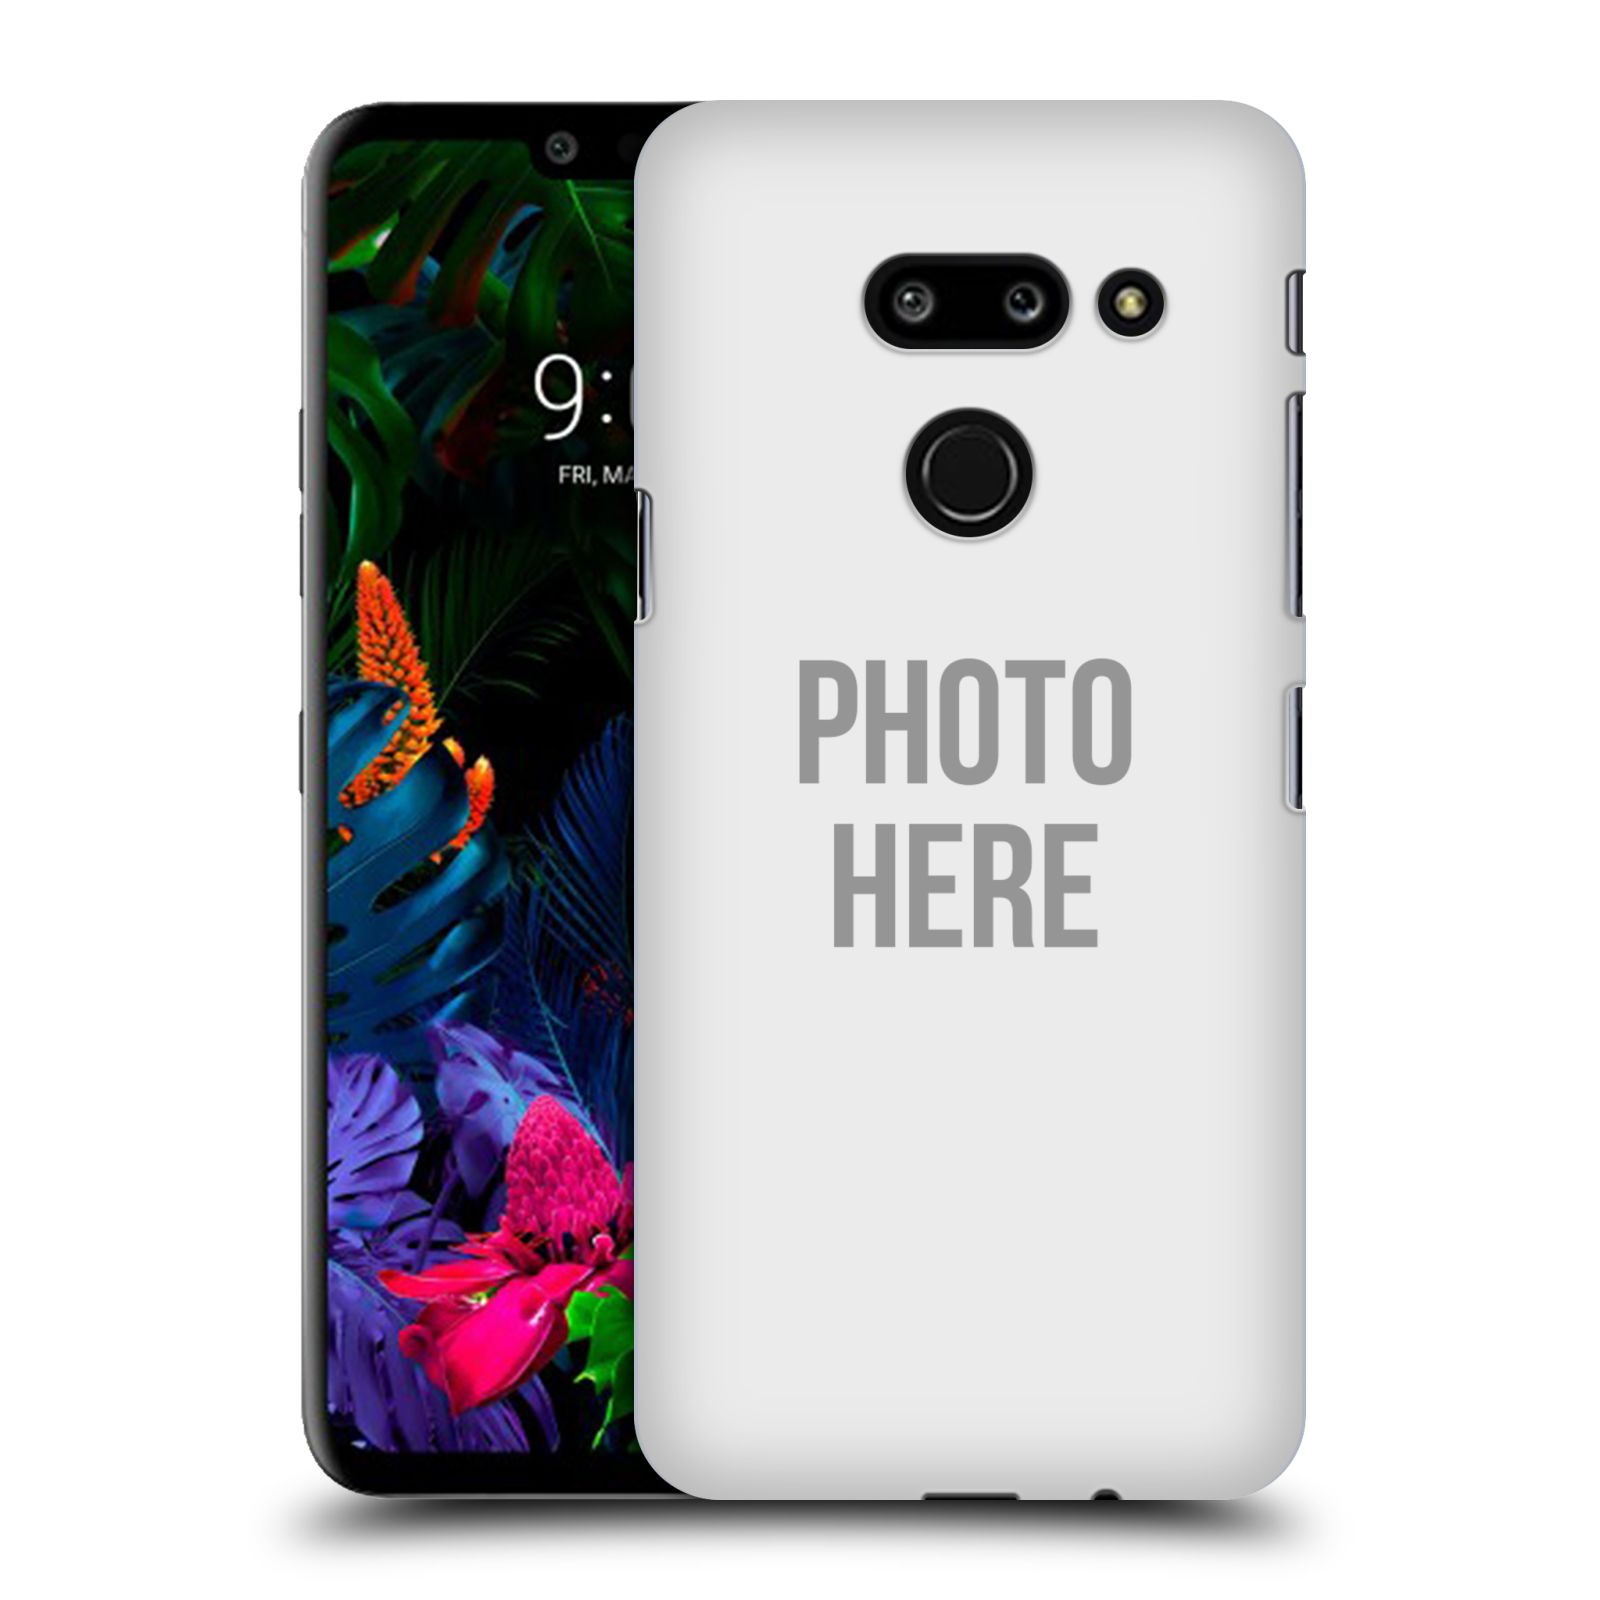 Plastové pouzdro na mobil LG G8 ThinQ - Head Case - s vlastním motivem